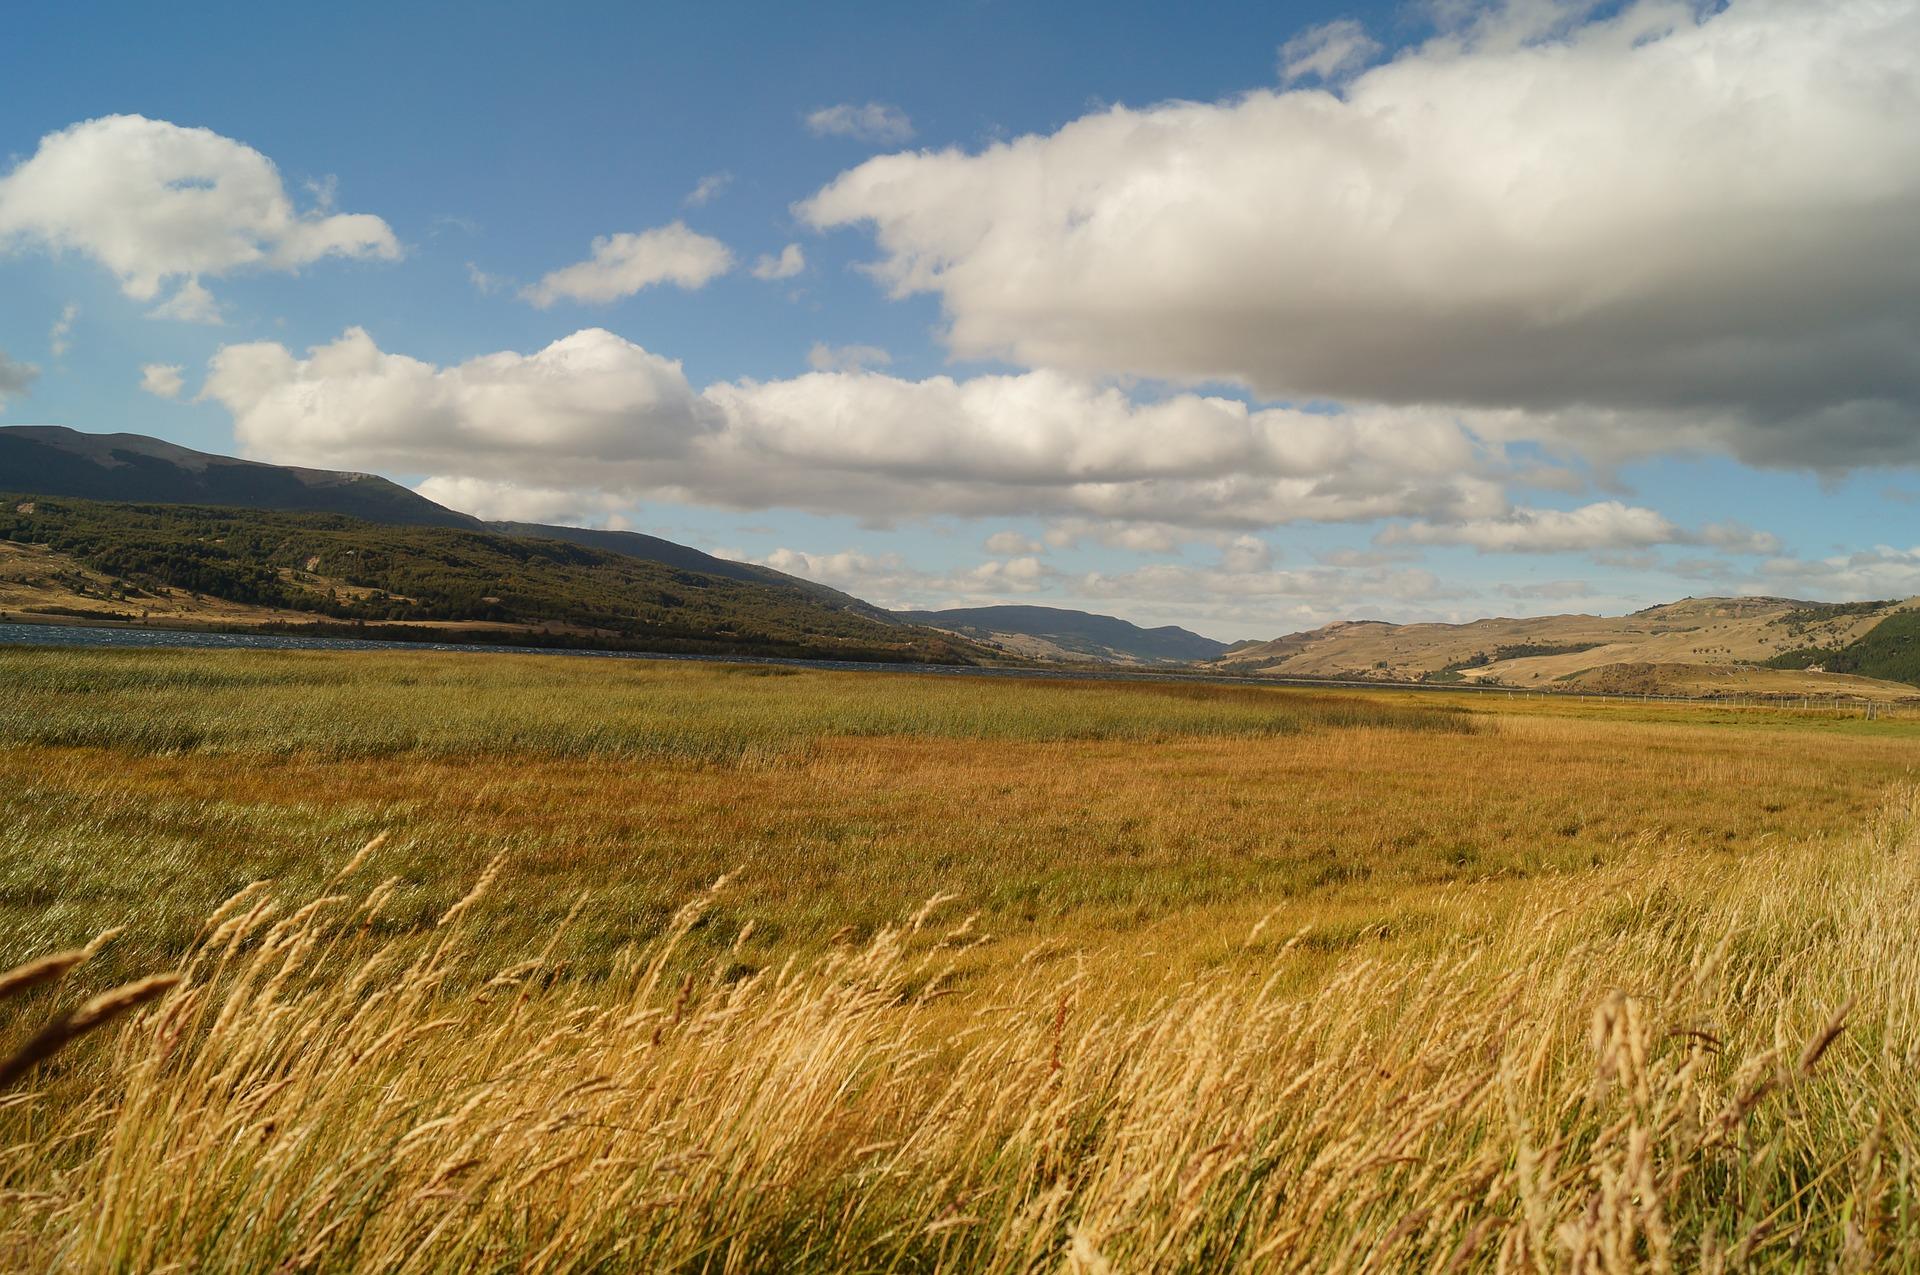 landscape-905949_1920